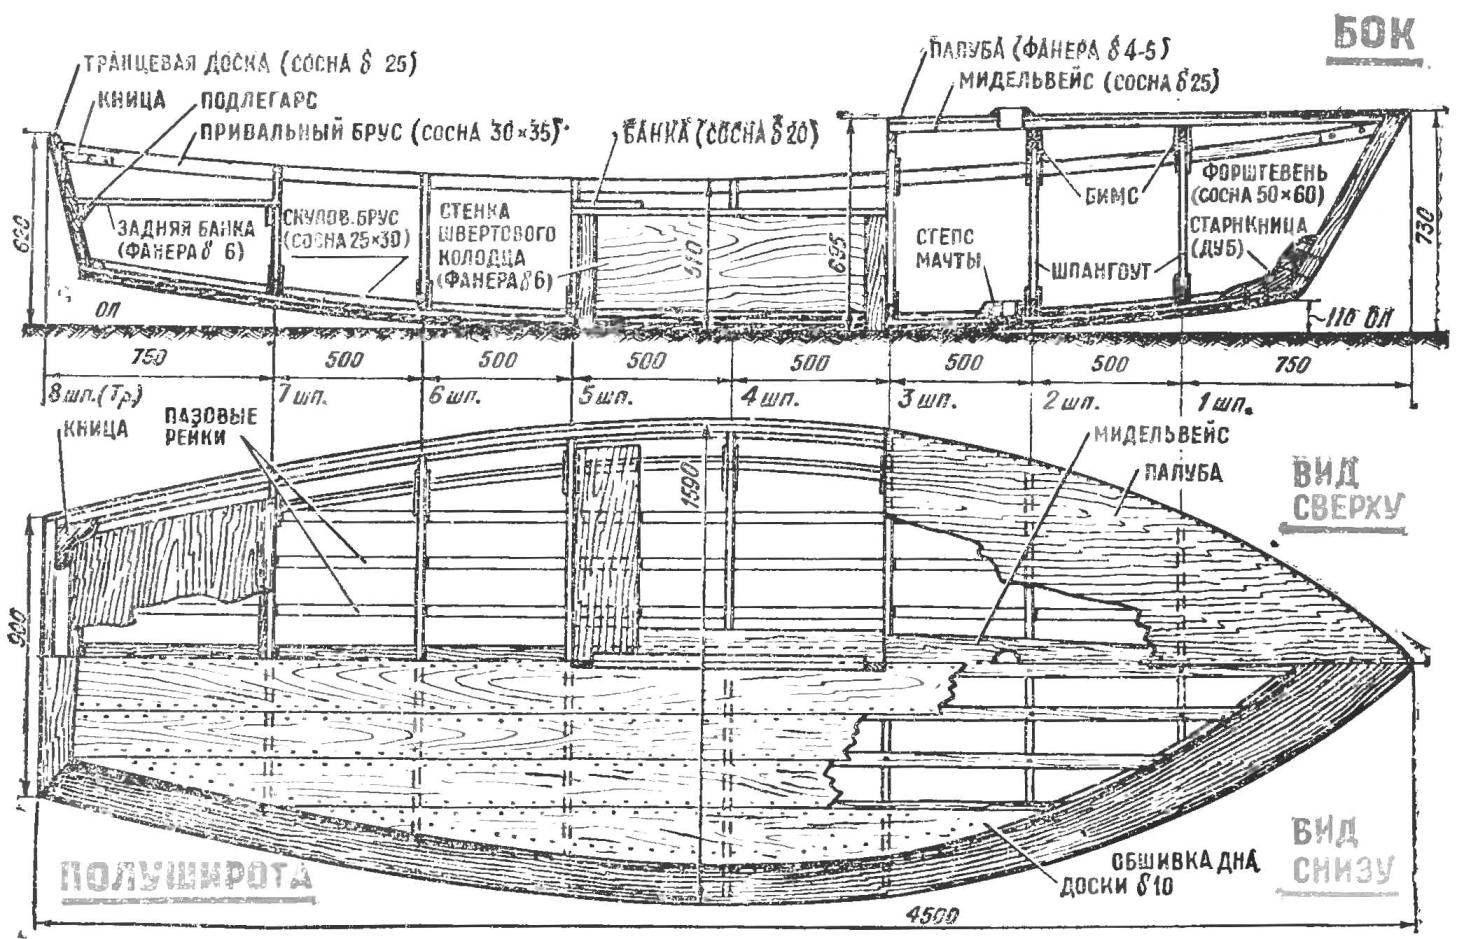 Рис. 2. Конструктивный чертеж корпуса: проекции «бок» и «полуширота»